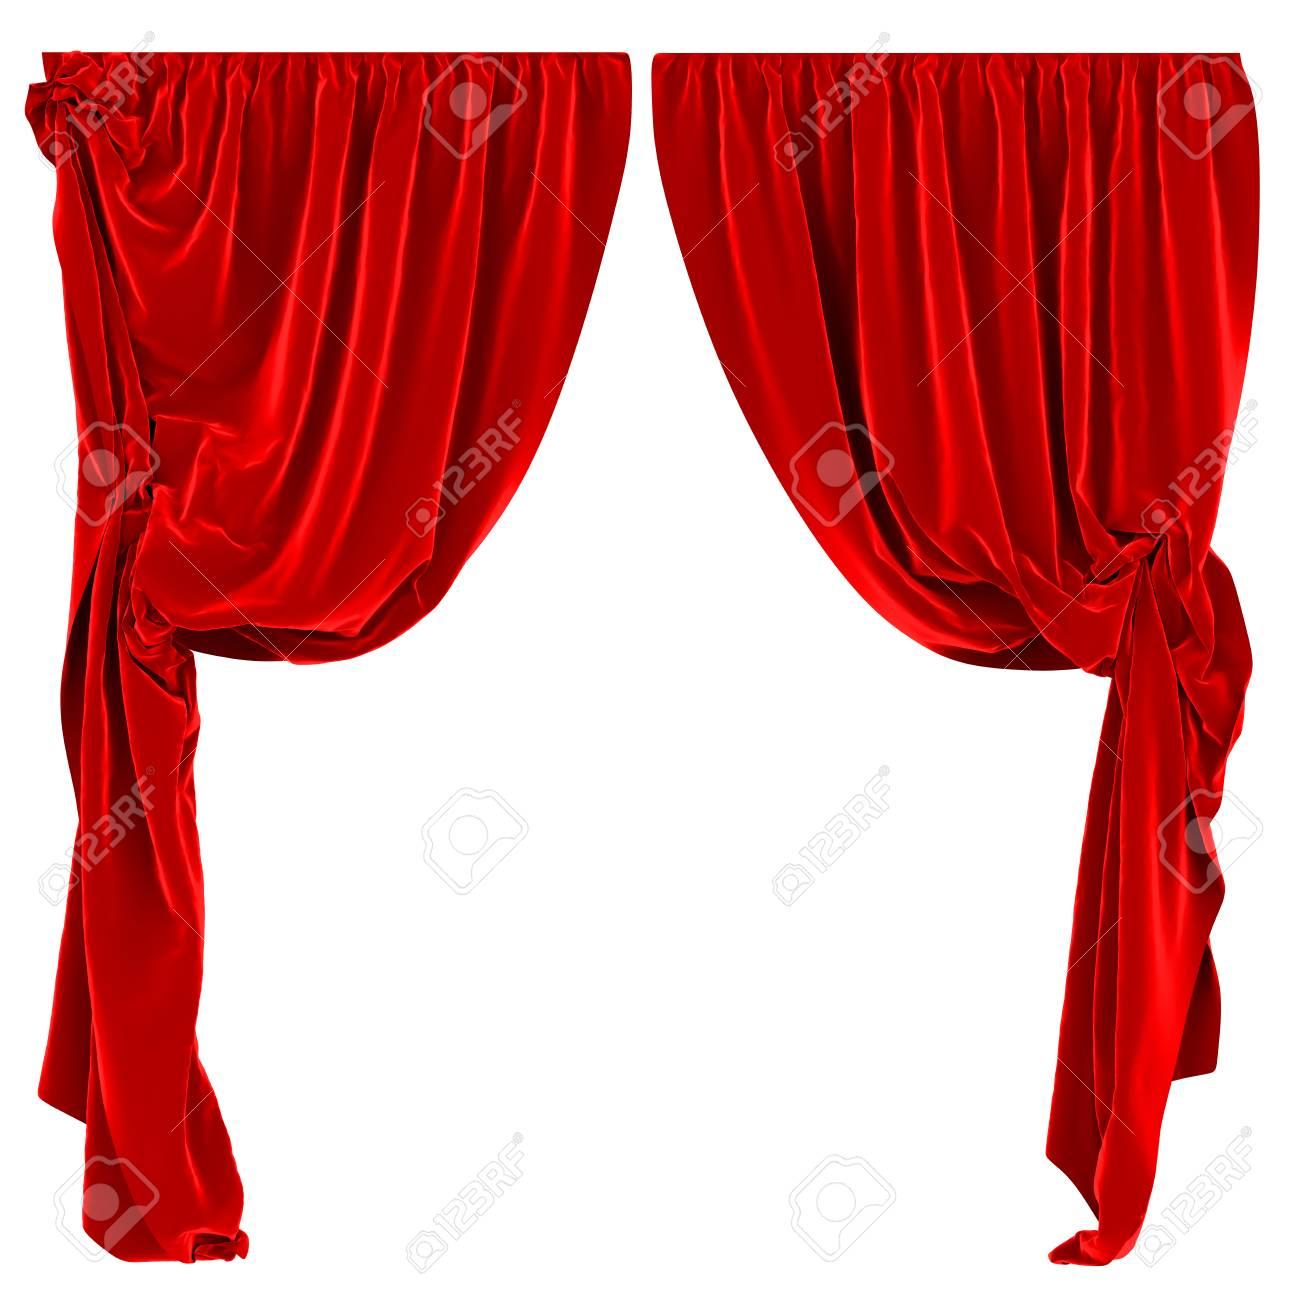 Rode Gordijnen Geïsoleerde Royalty-Vrije Foto, Plaatjes, Beelden En ...